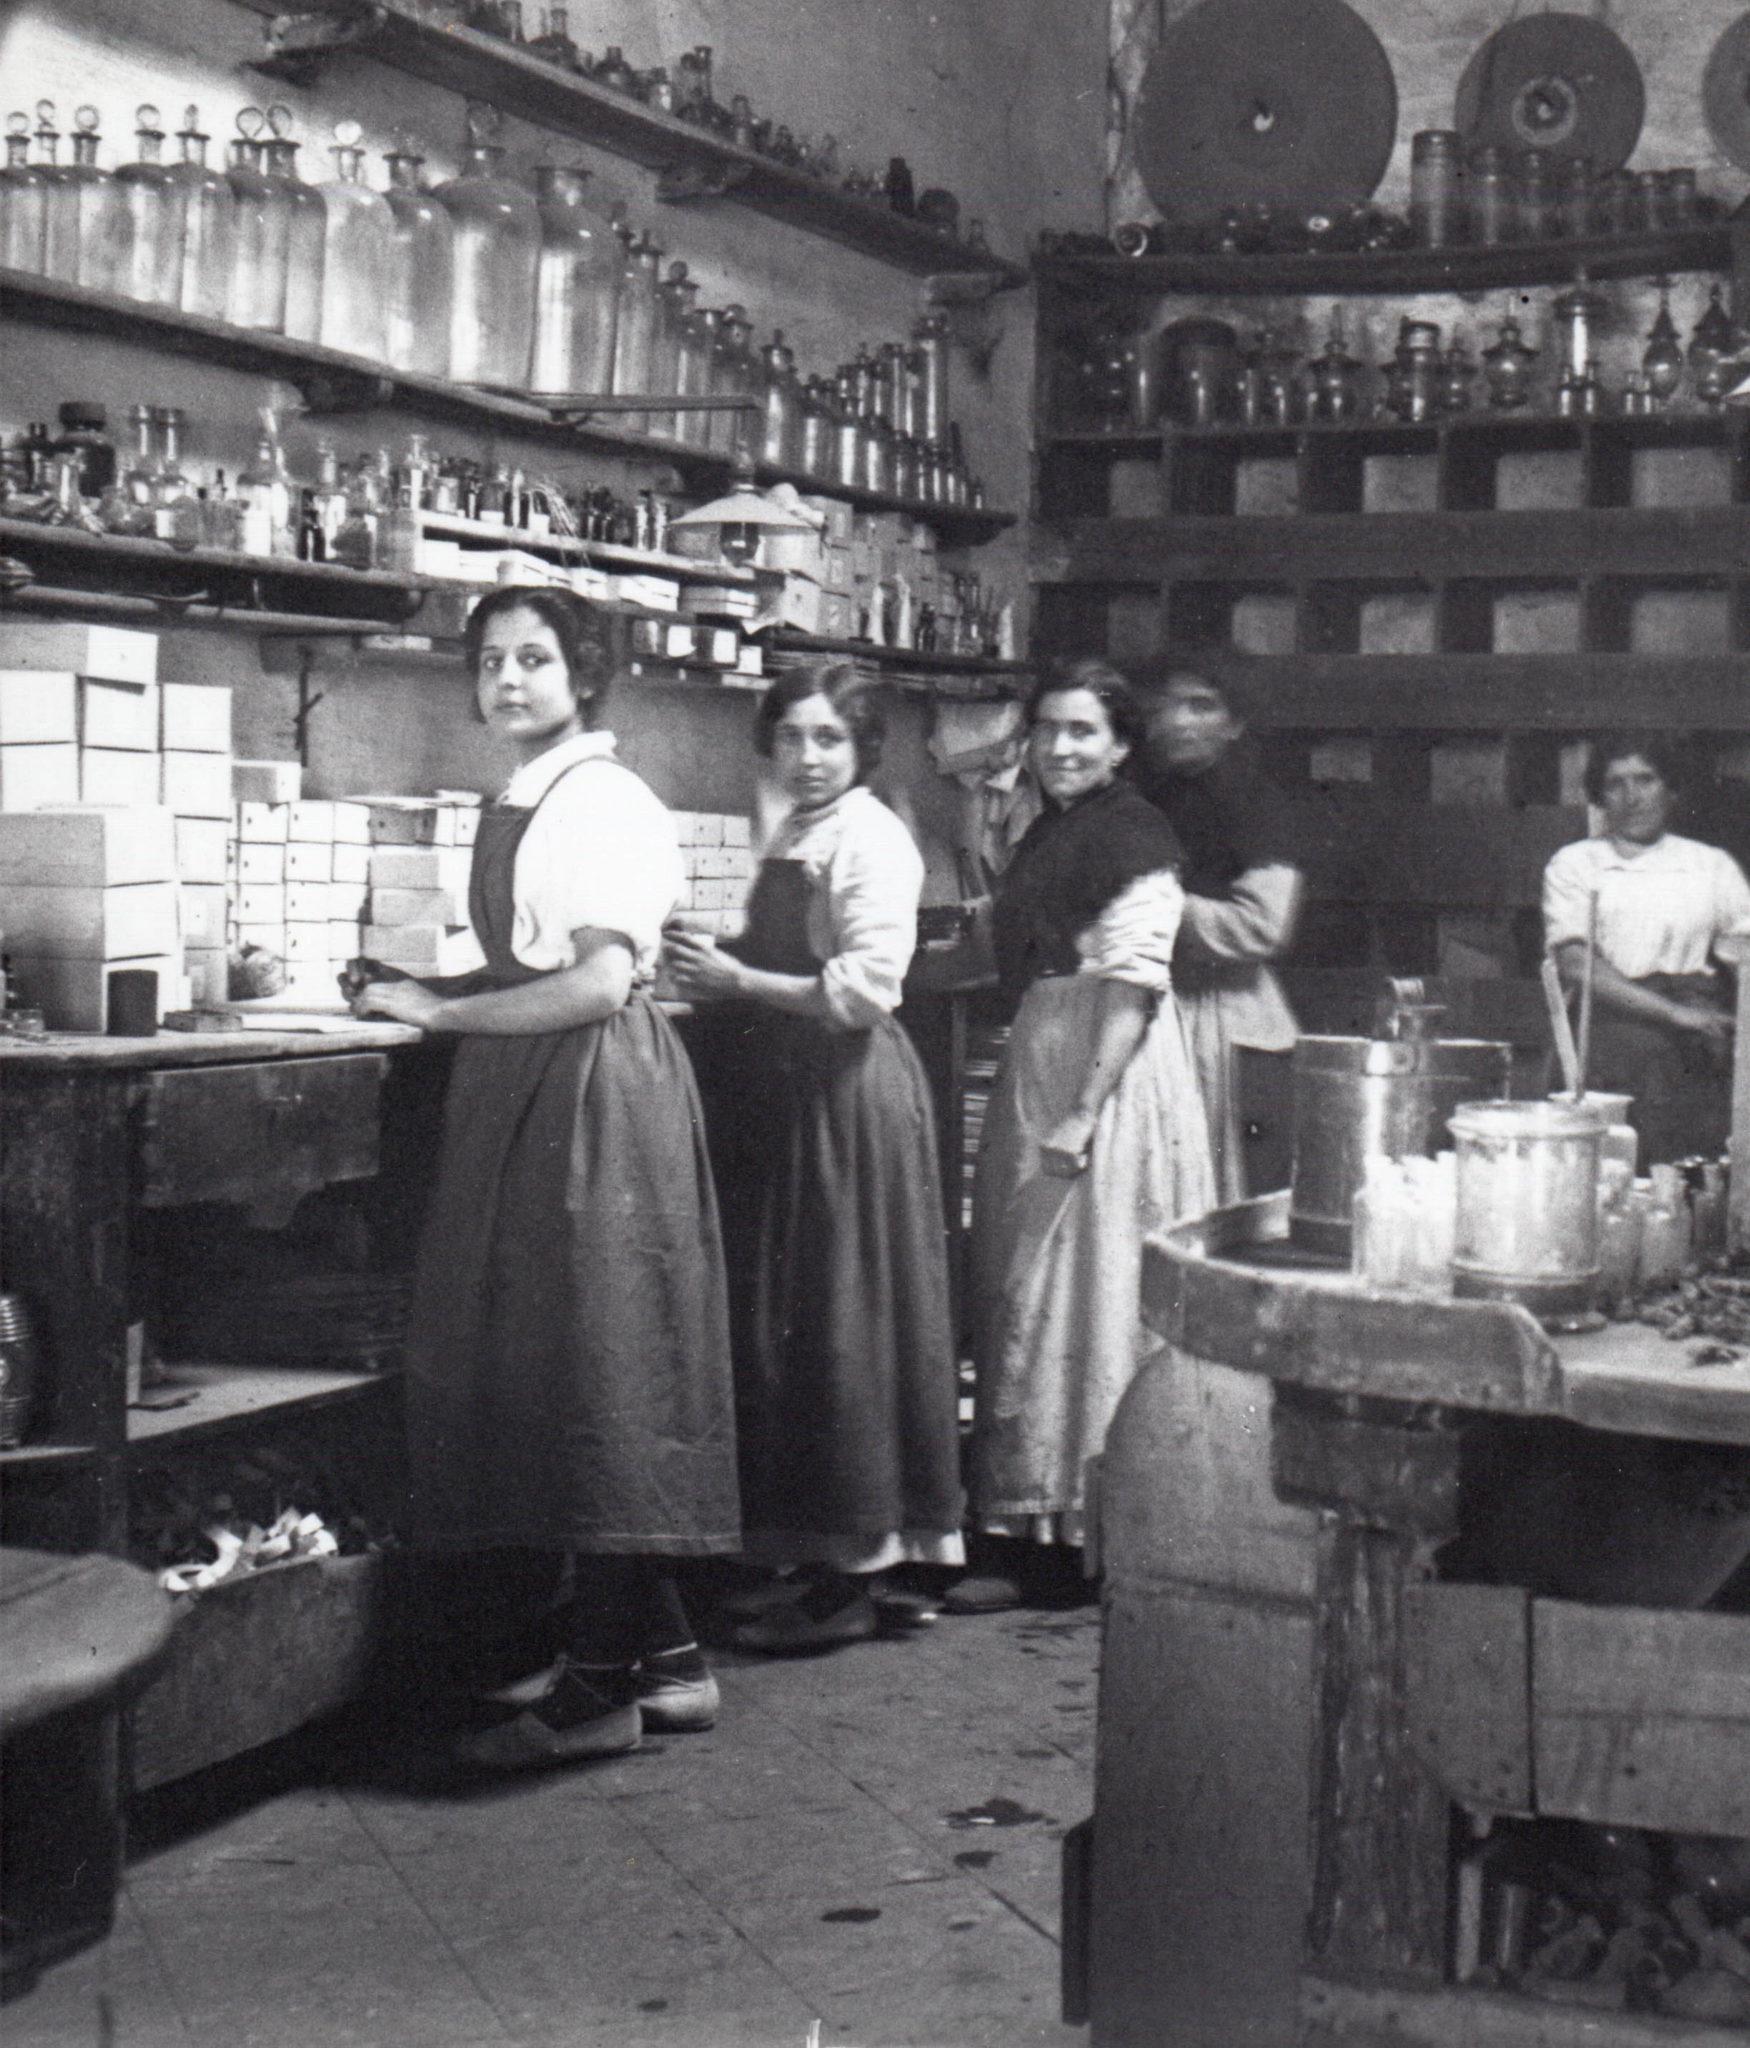 Noies treballant en una fàbrica de Cornellà de Llobregat